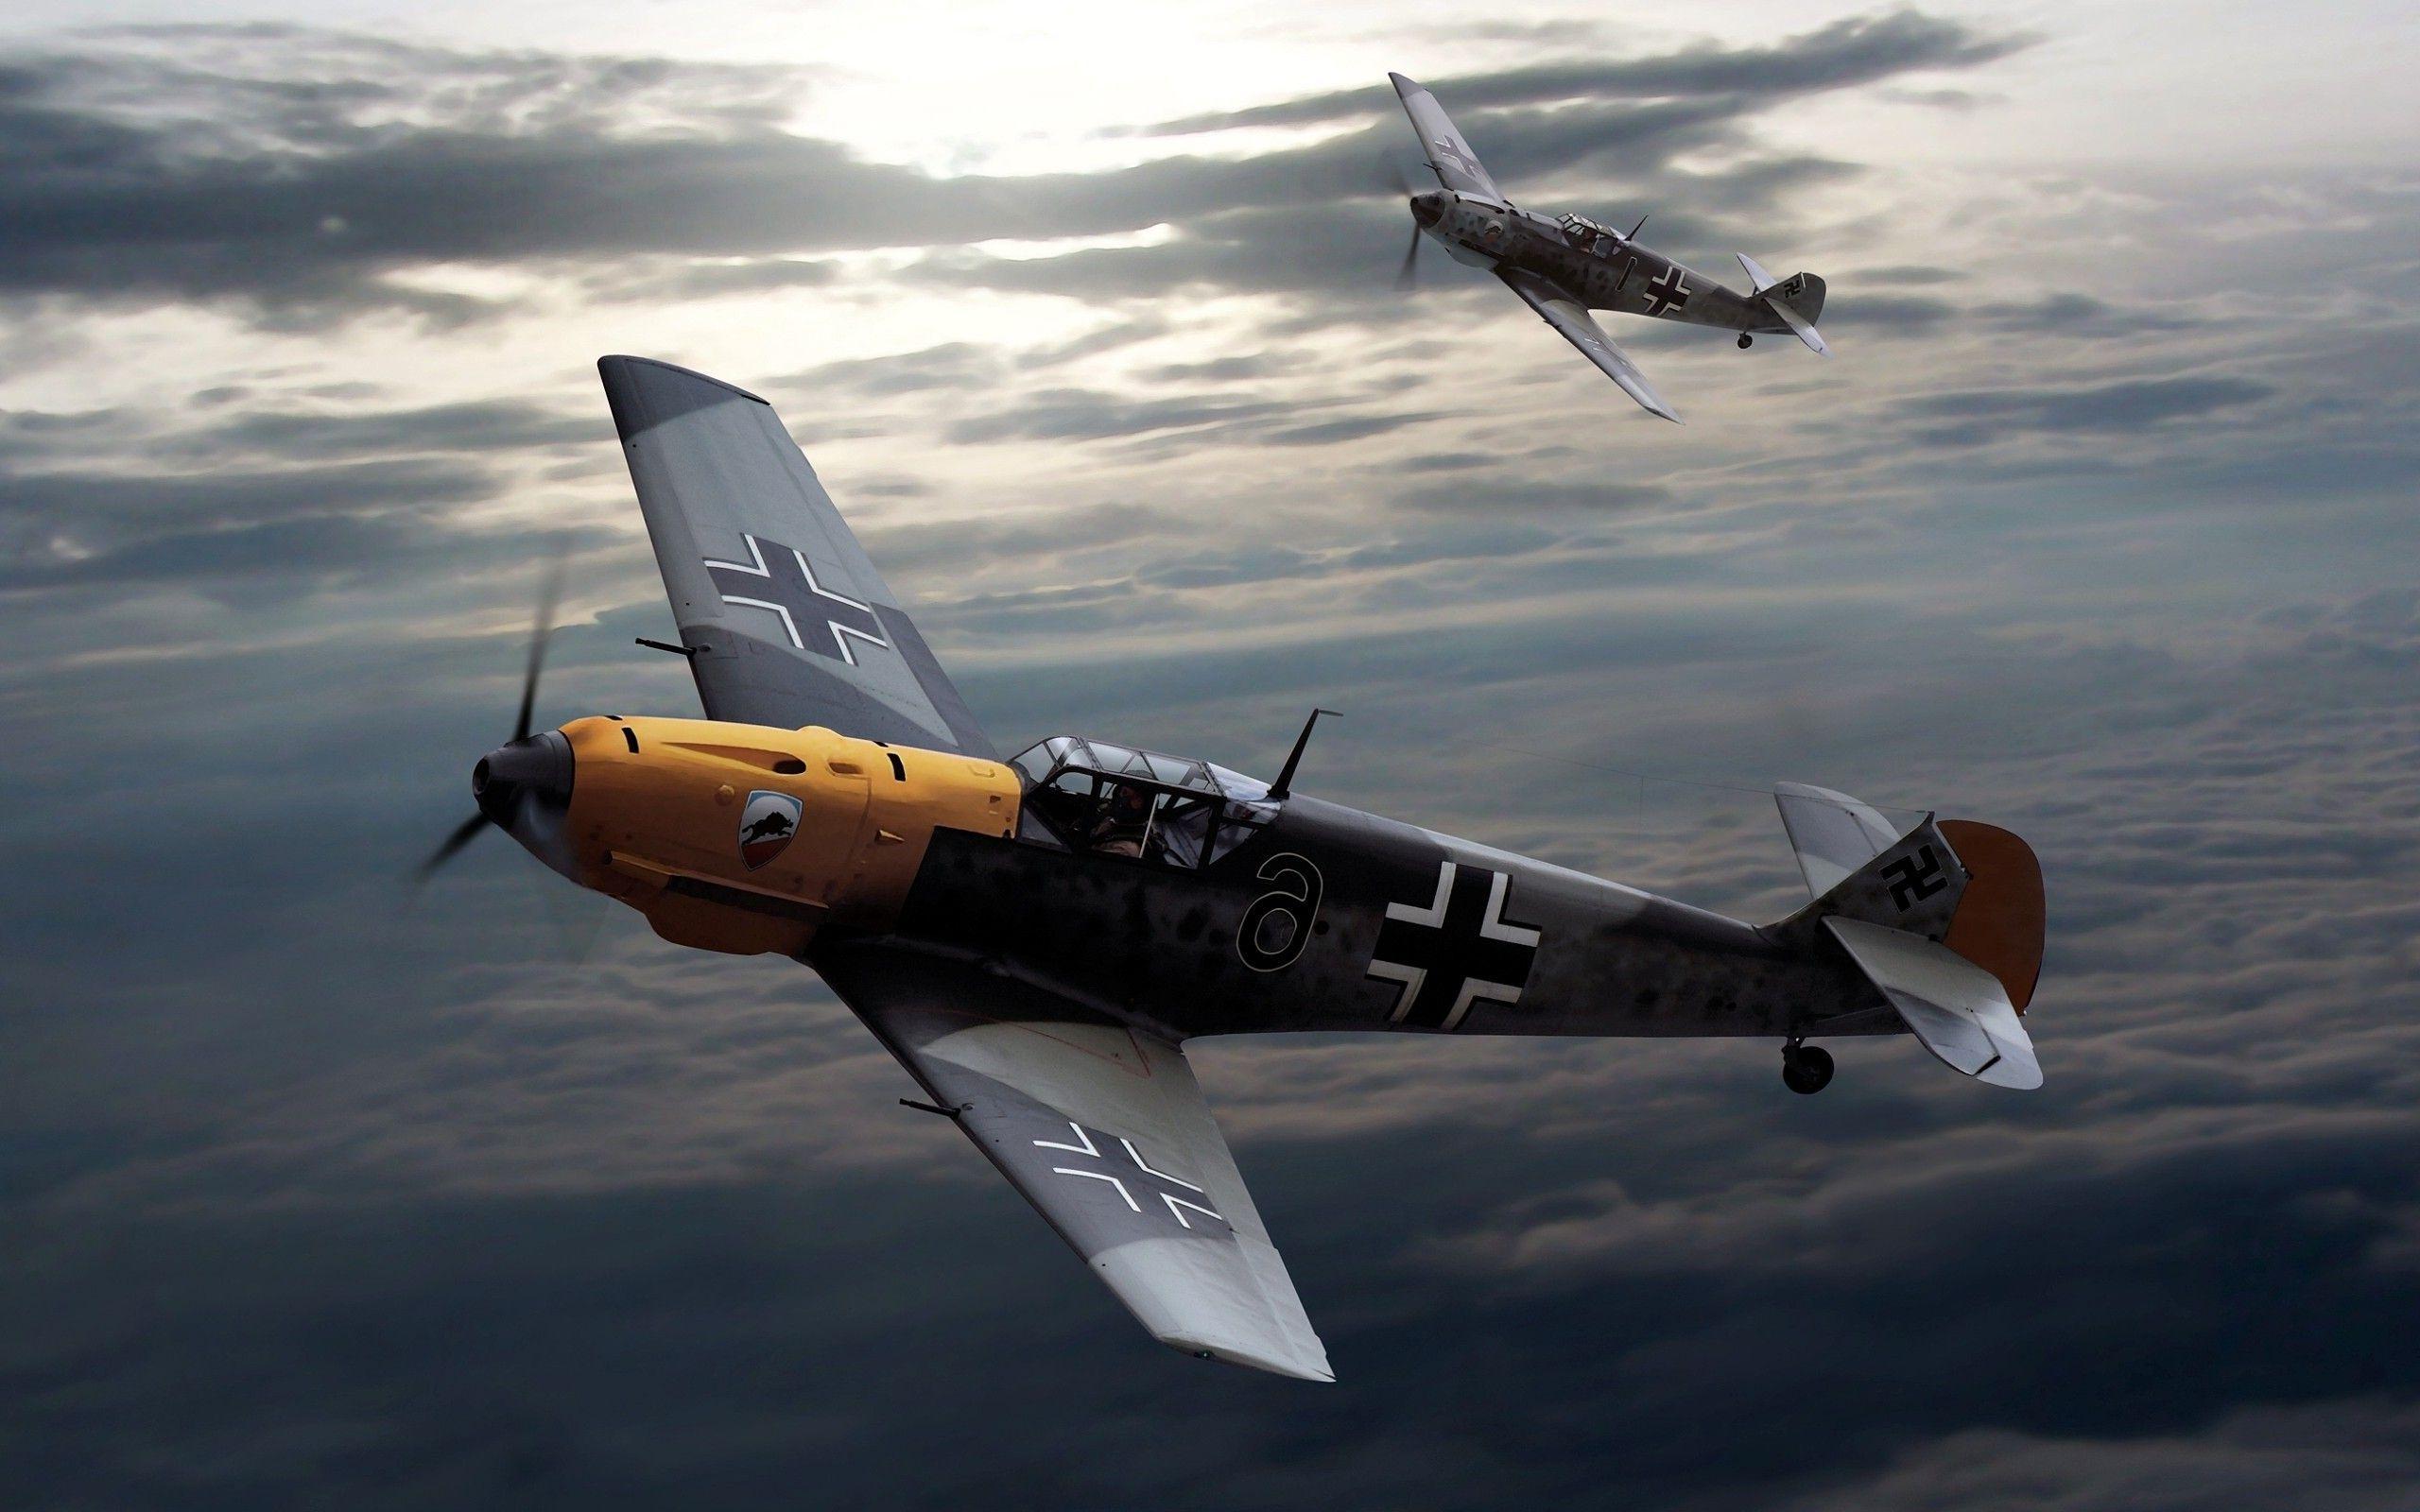 Messerschmitt Bf 109 Wallpapers